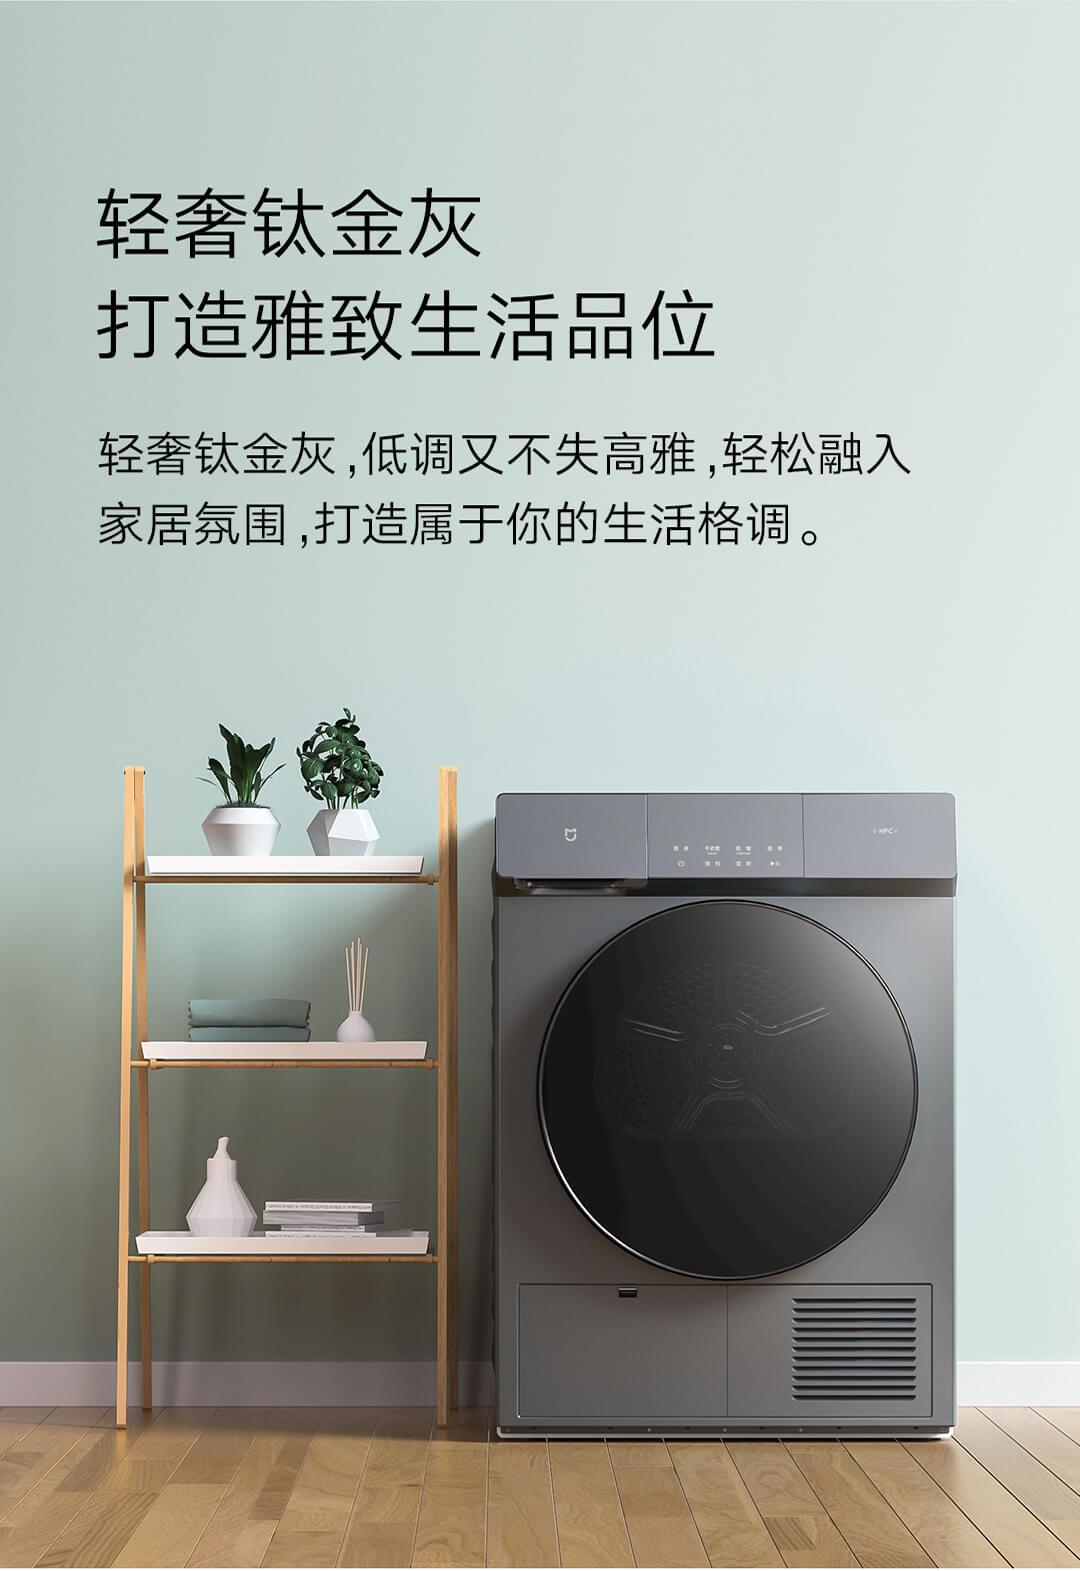 Mijia Heat Pump Dryer 10kg